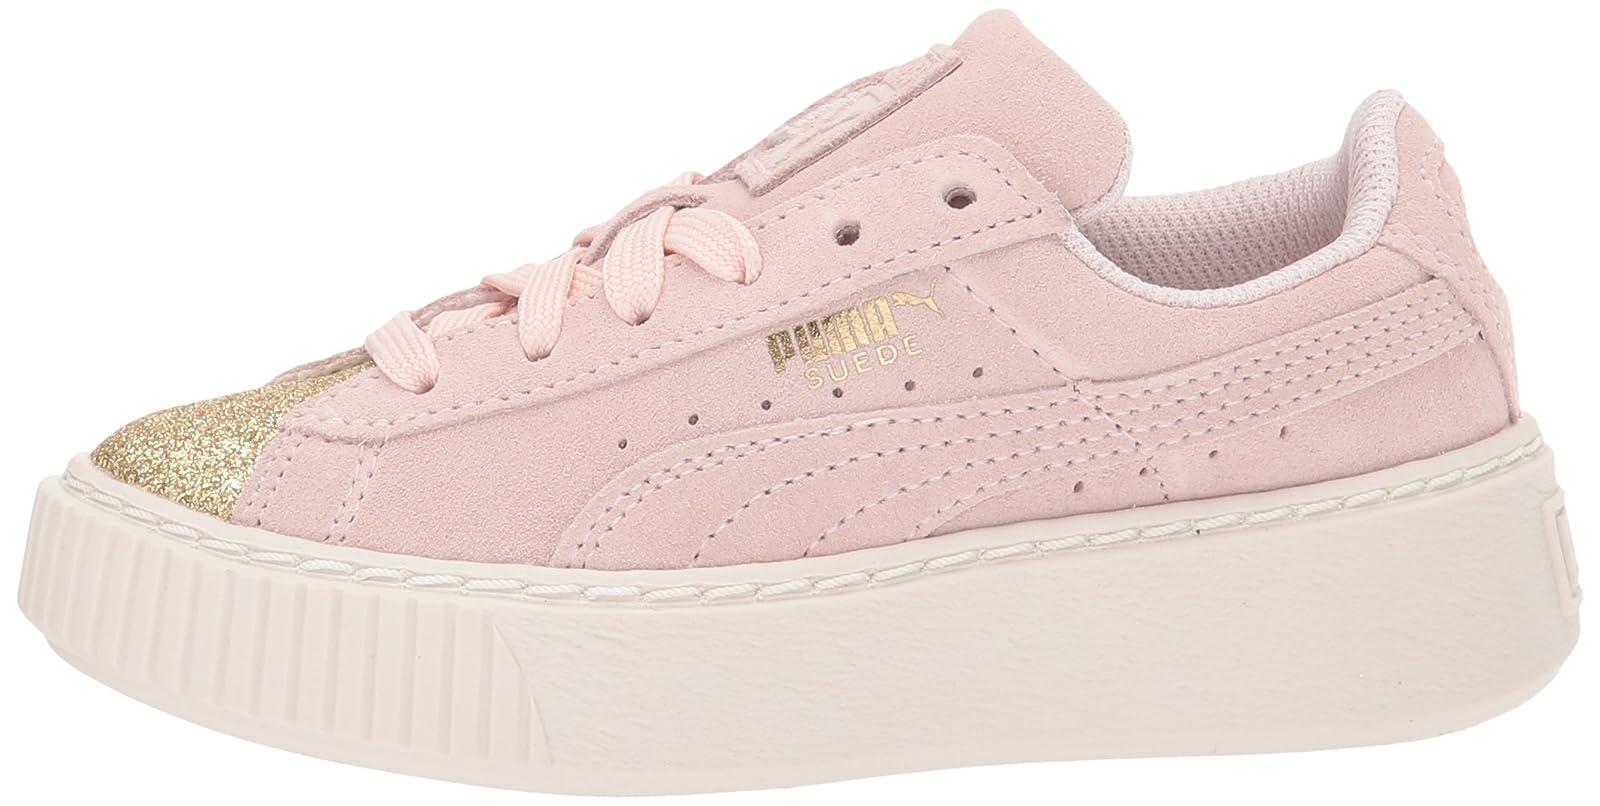 PUMA Kids' Suede Platform Glam Sneaker Pink 36492207 - 5